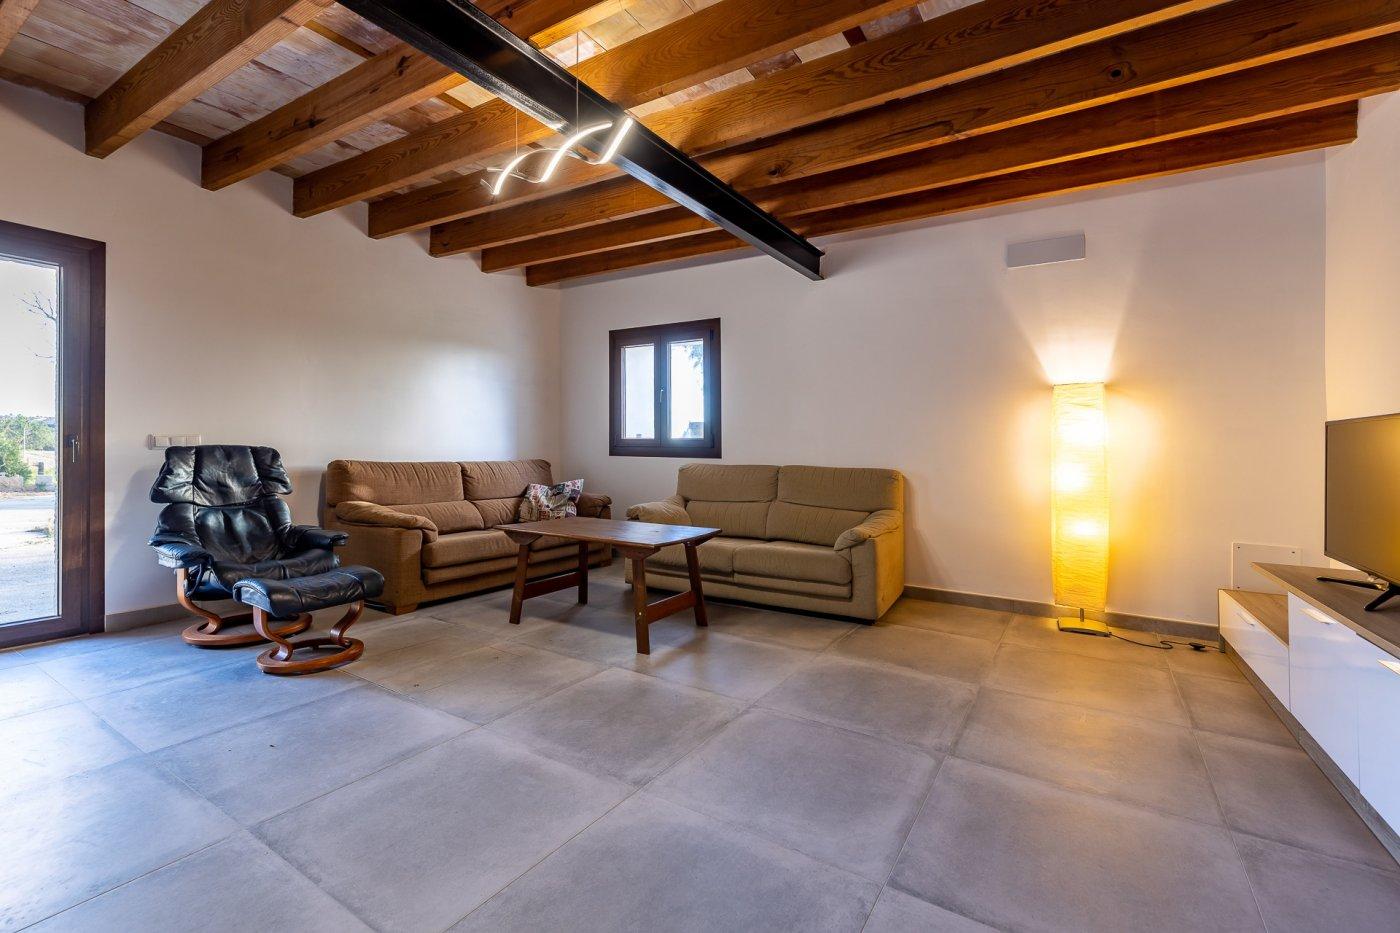 Encantadora finca rÚstica con casa de invitados  en marratxinet - imagenInmueble12